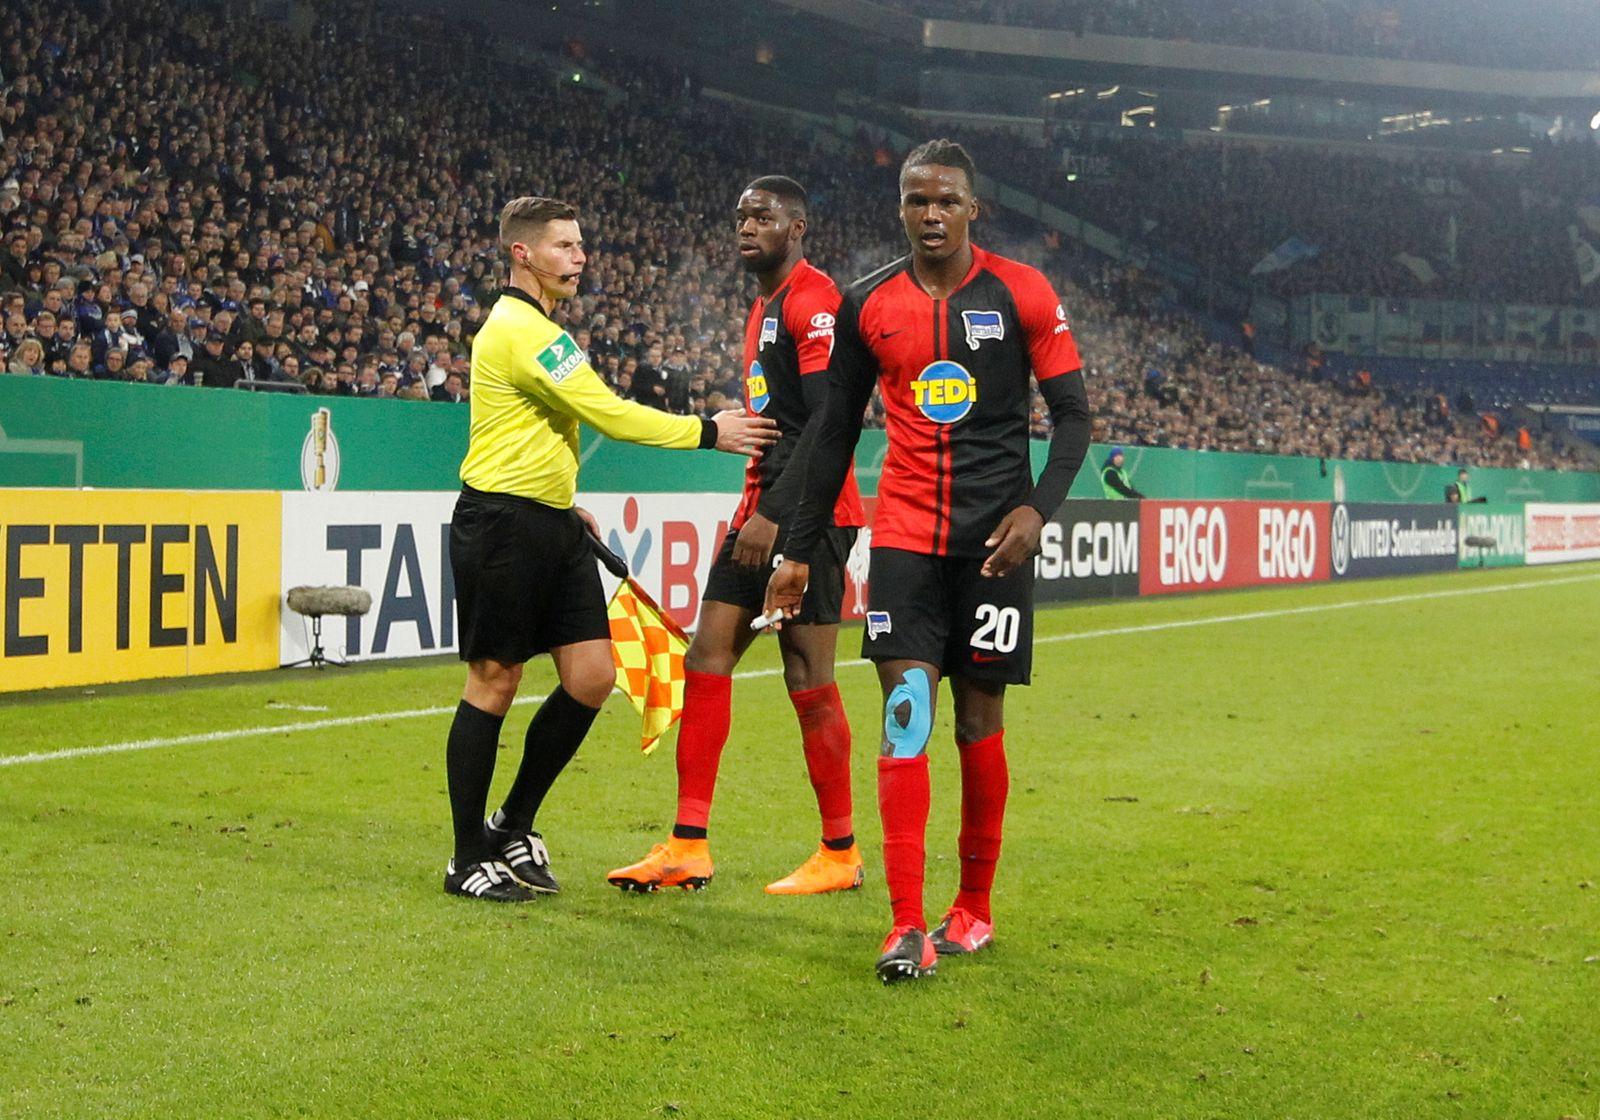 DFB Cup - Third Round - Schalke 04 v Hertha BSC